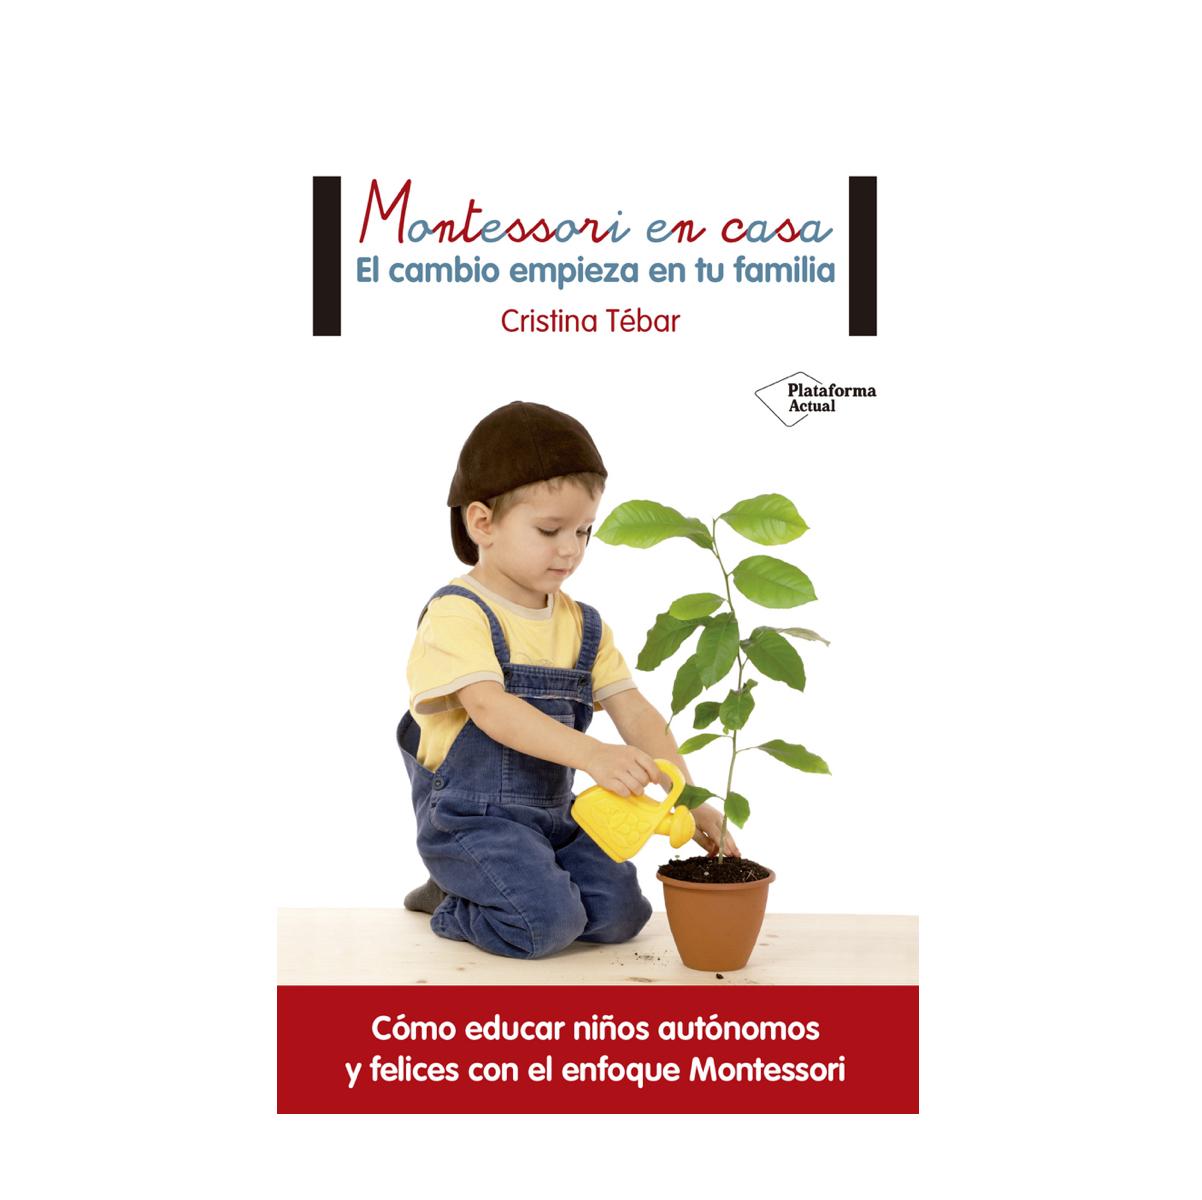 montessori-en-casa-el-cmabio-empieza-en-tu-familia-de-plataforma-editorial